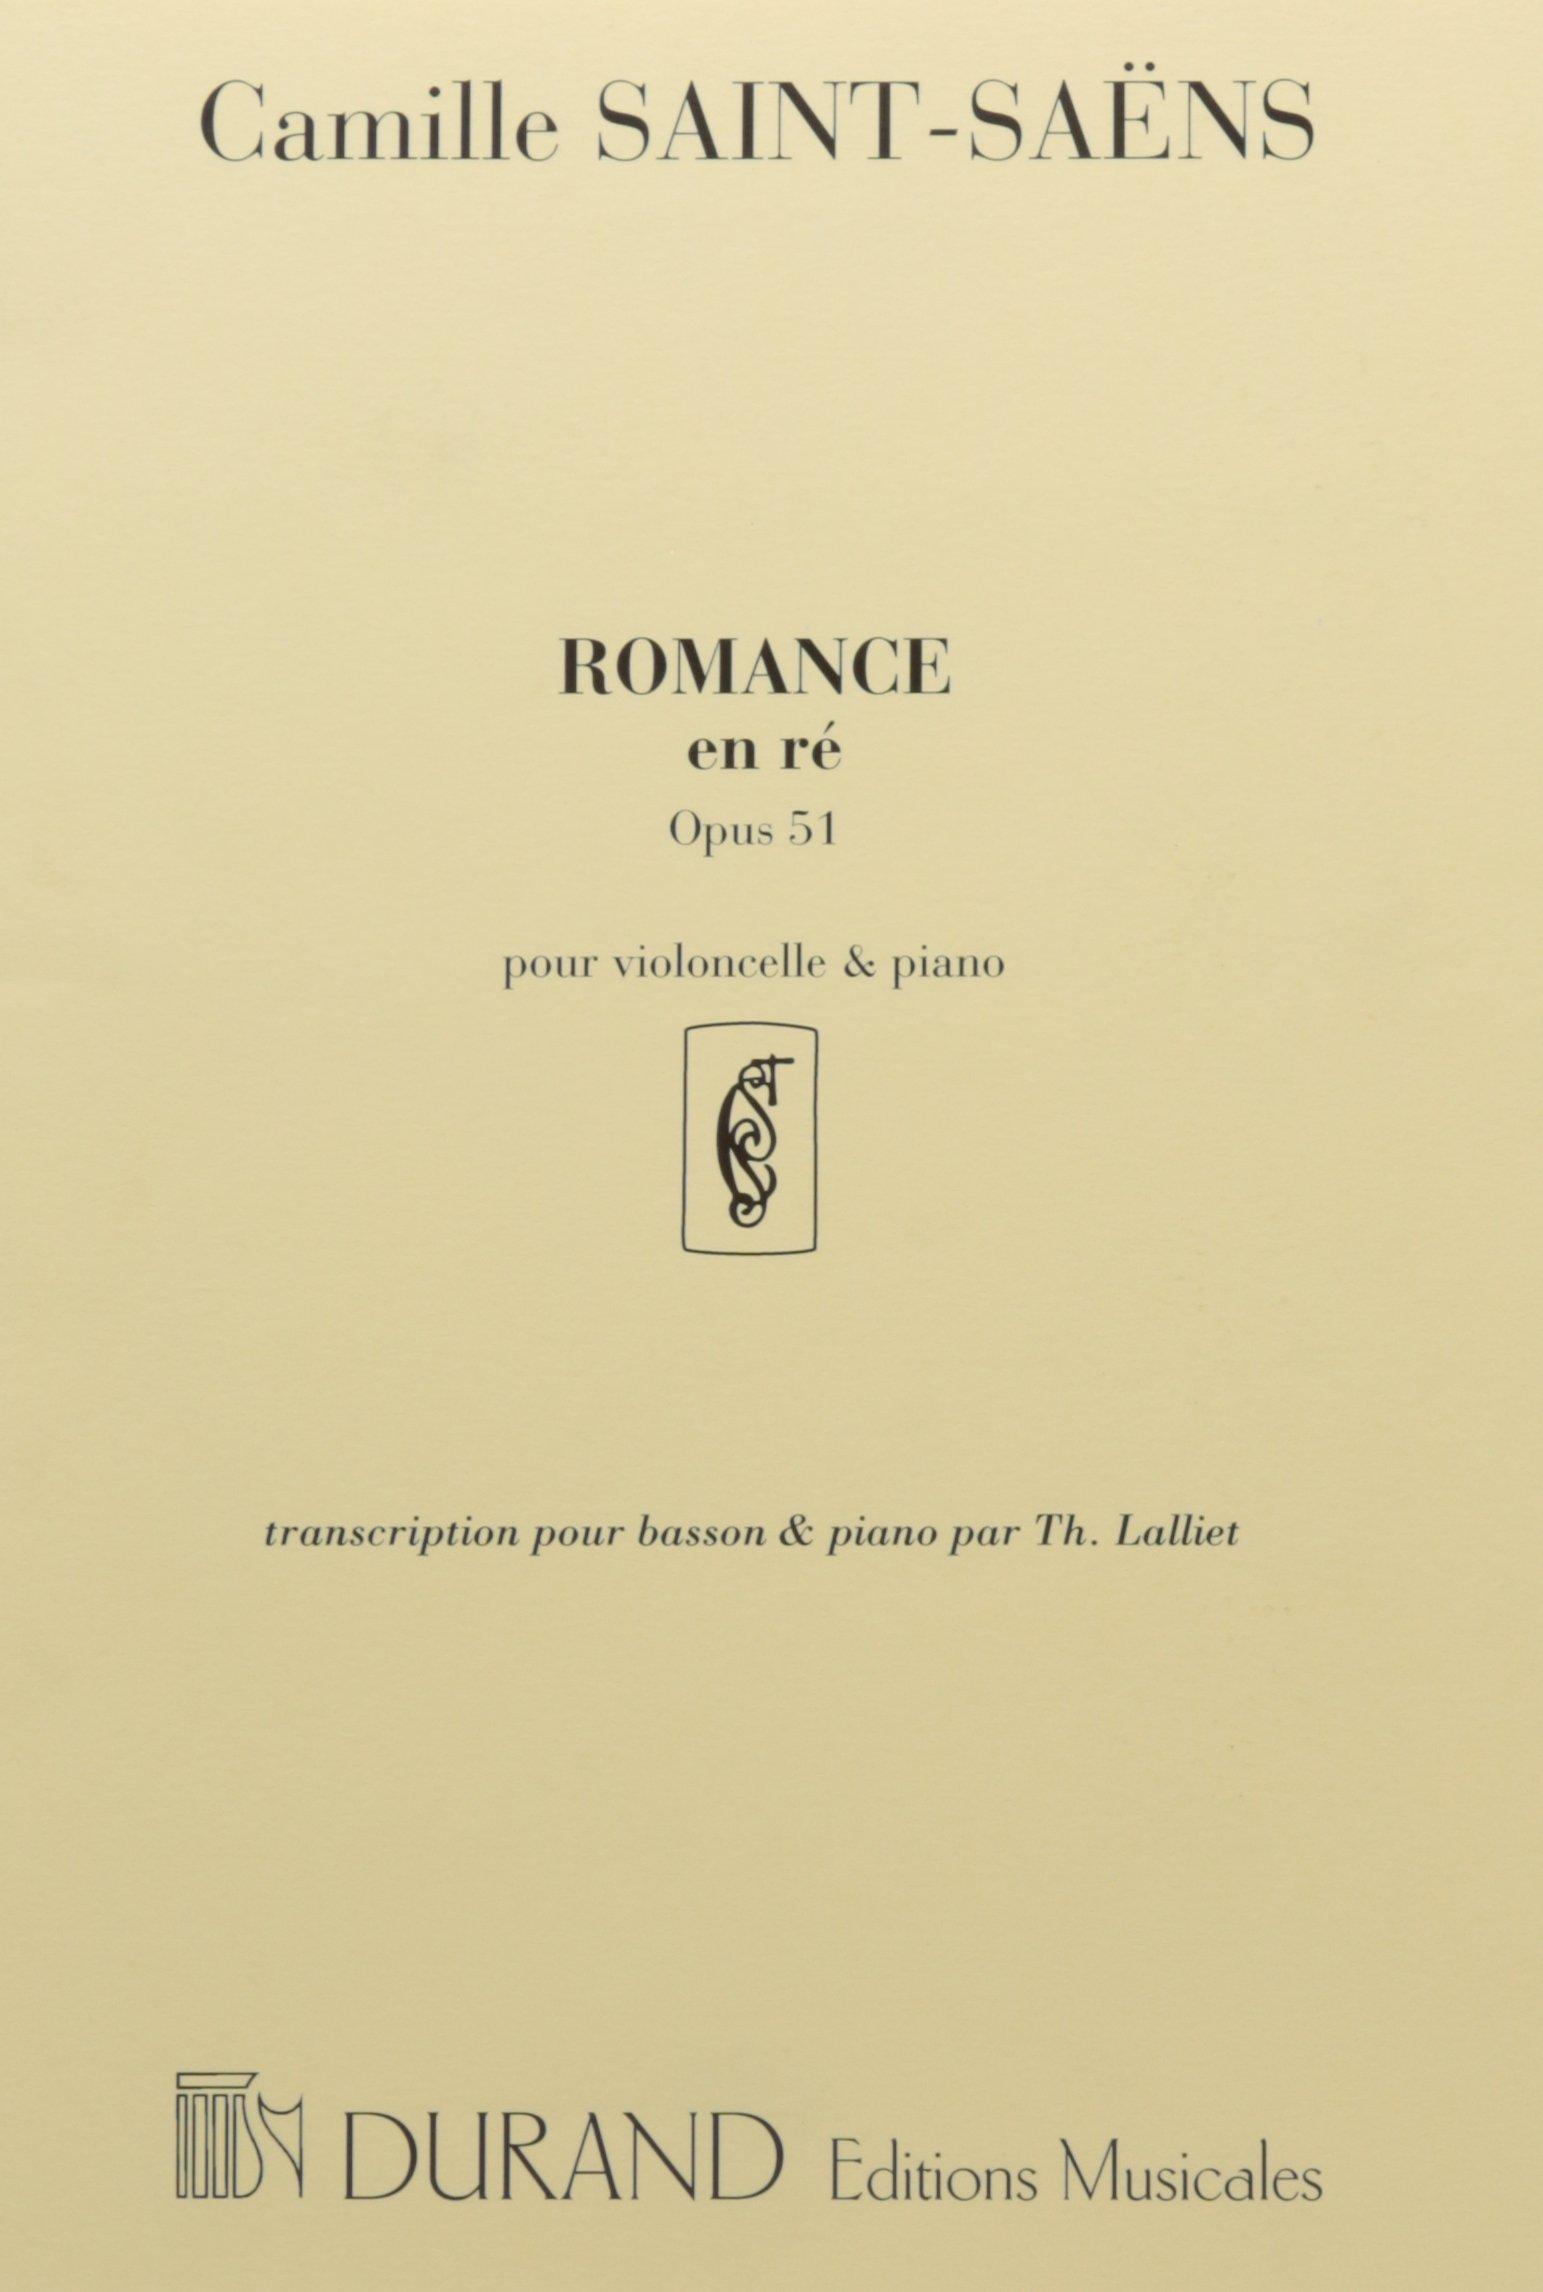 Romance Op 51 Basson-Piano Broché – 1 janvier 2001 Camille Saint-Saëns Durand B00F14JFXS Musique